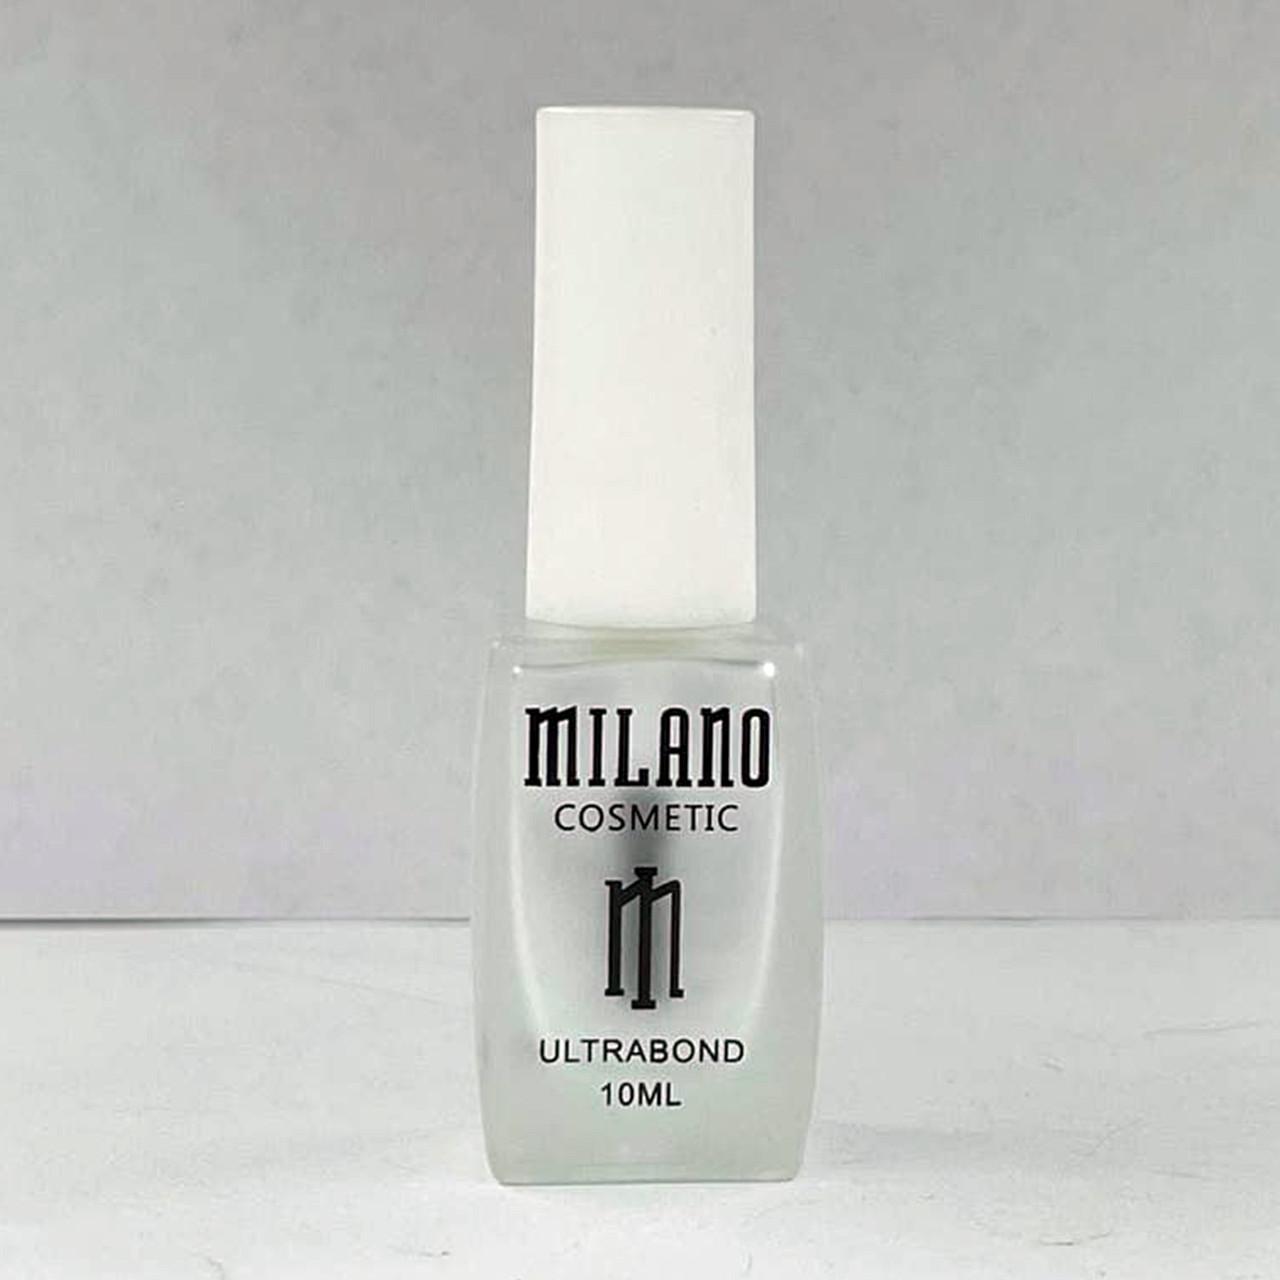 Праймер Milano 10 мл (Ultrabond)